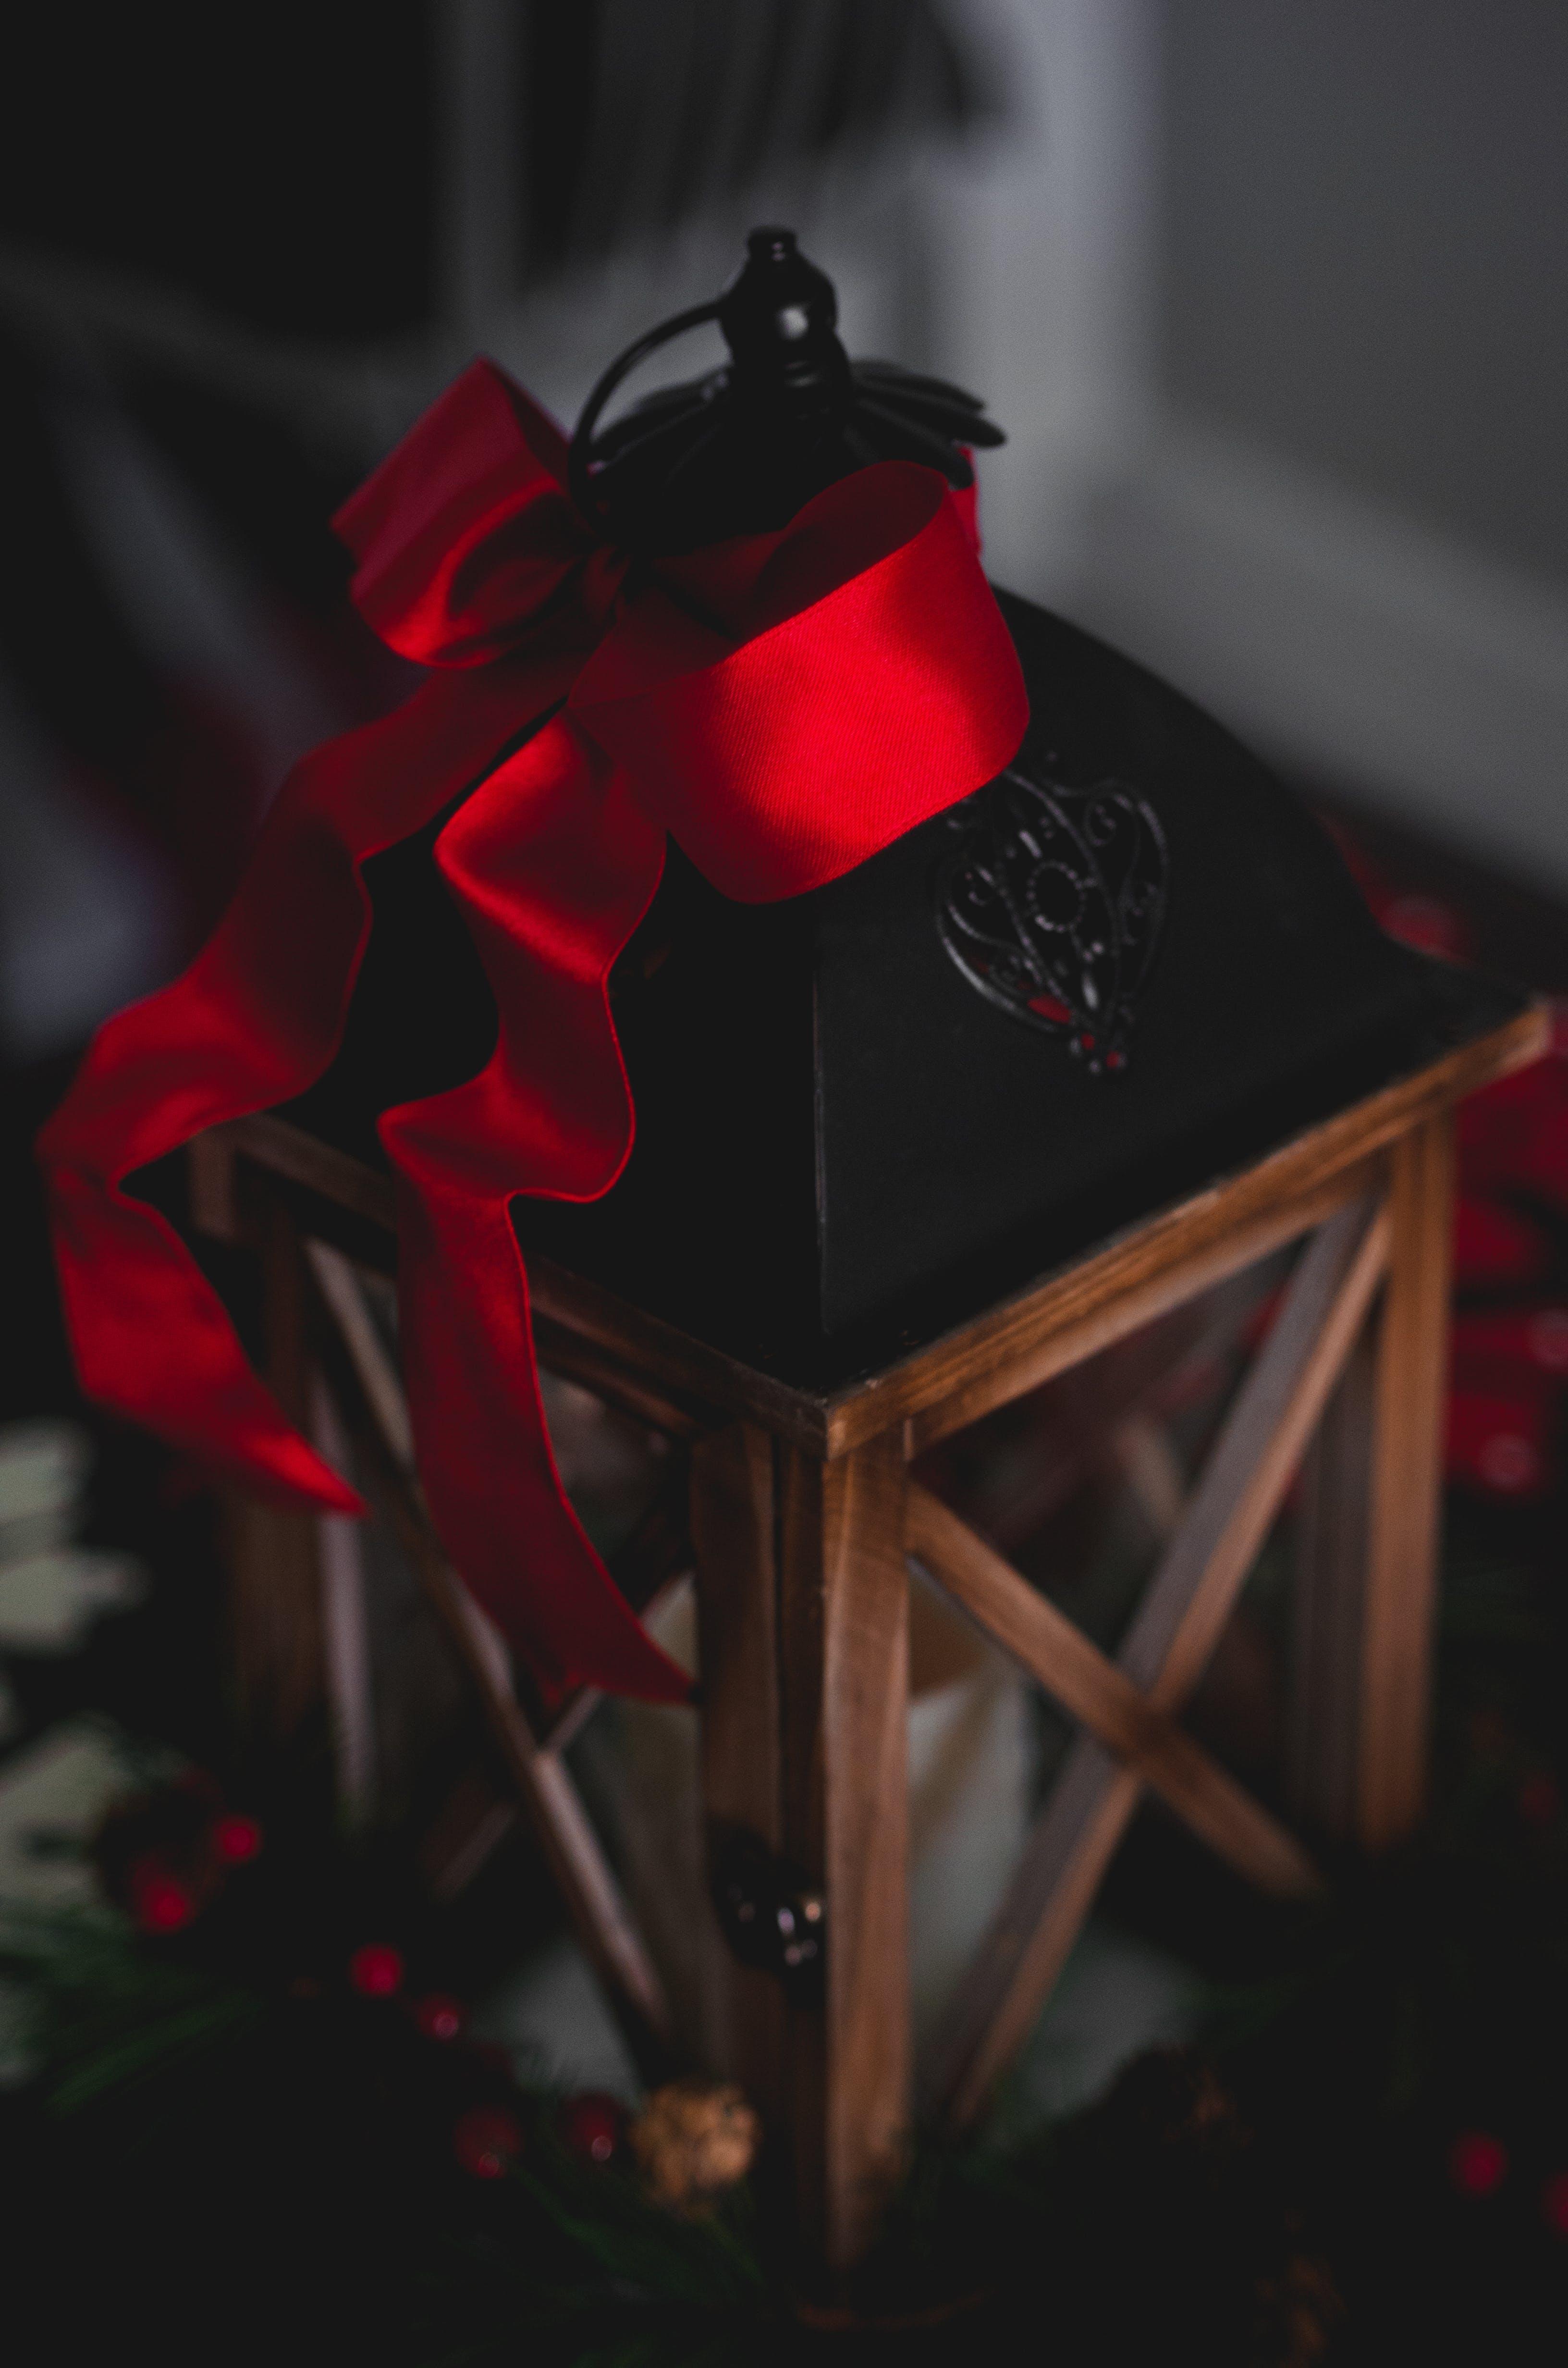 Brown and Black Hanging Lantern